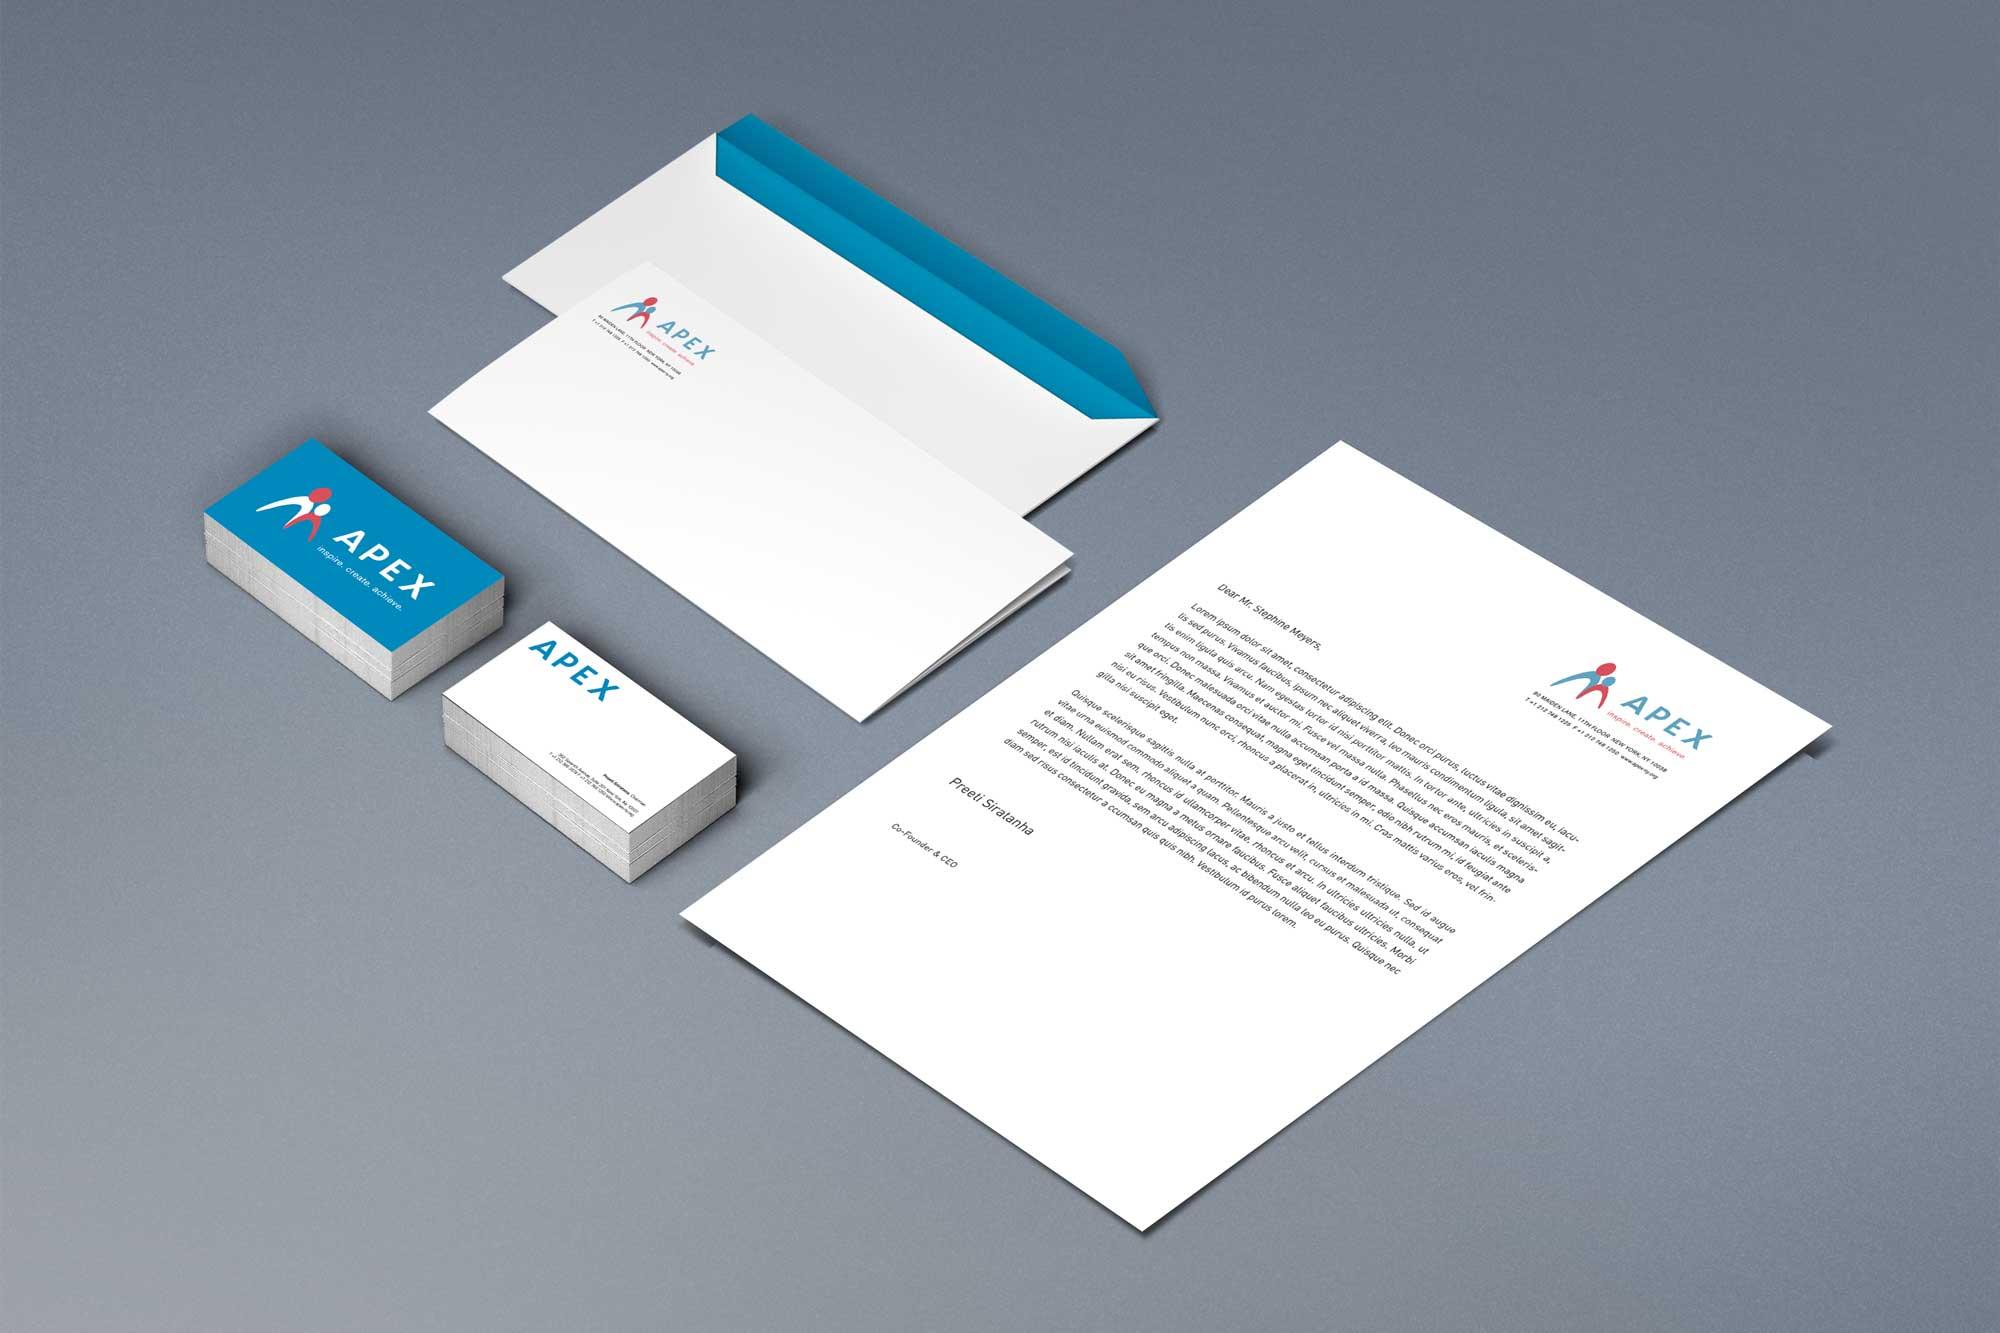 Apex_branding.jpg